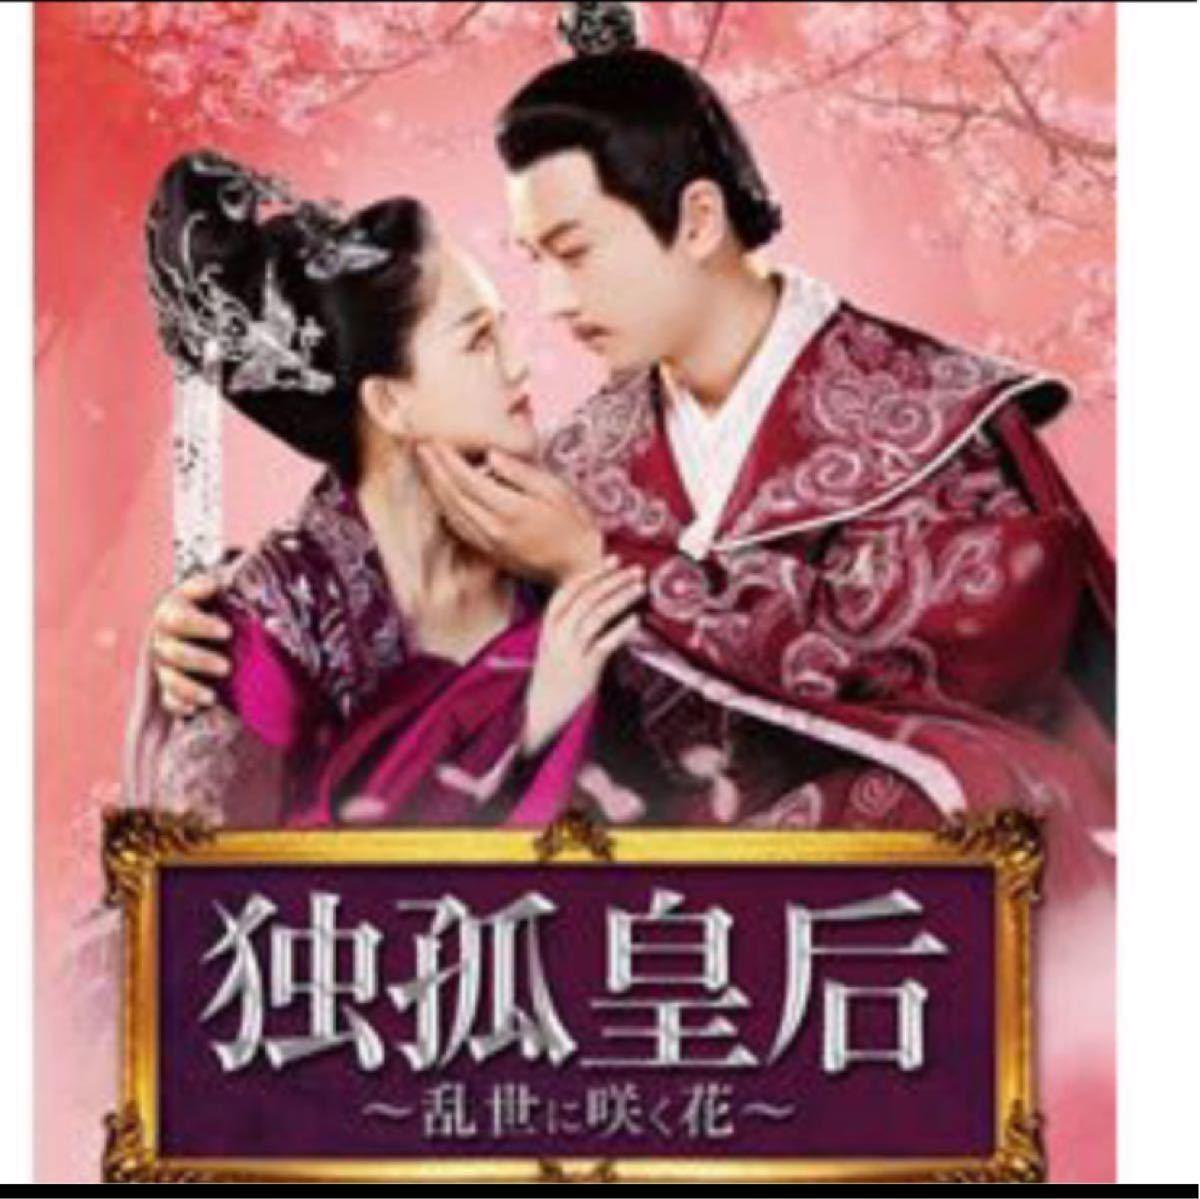 中国ドラマ 独狐皇后〜乱世に咲く花〜『Blu-ray』